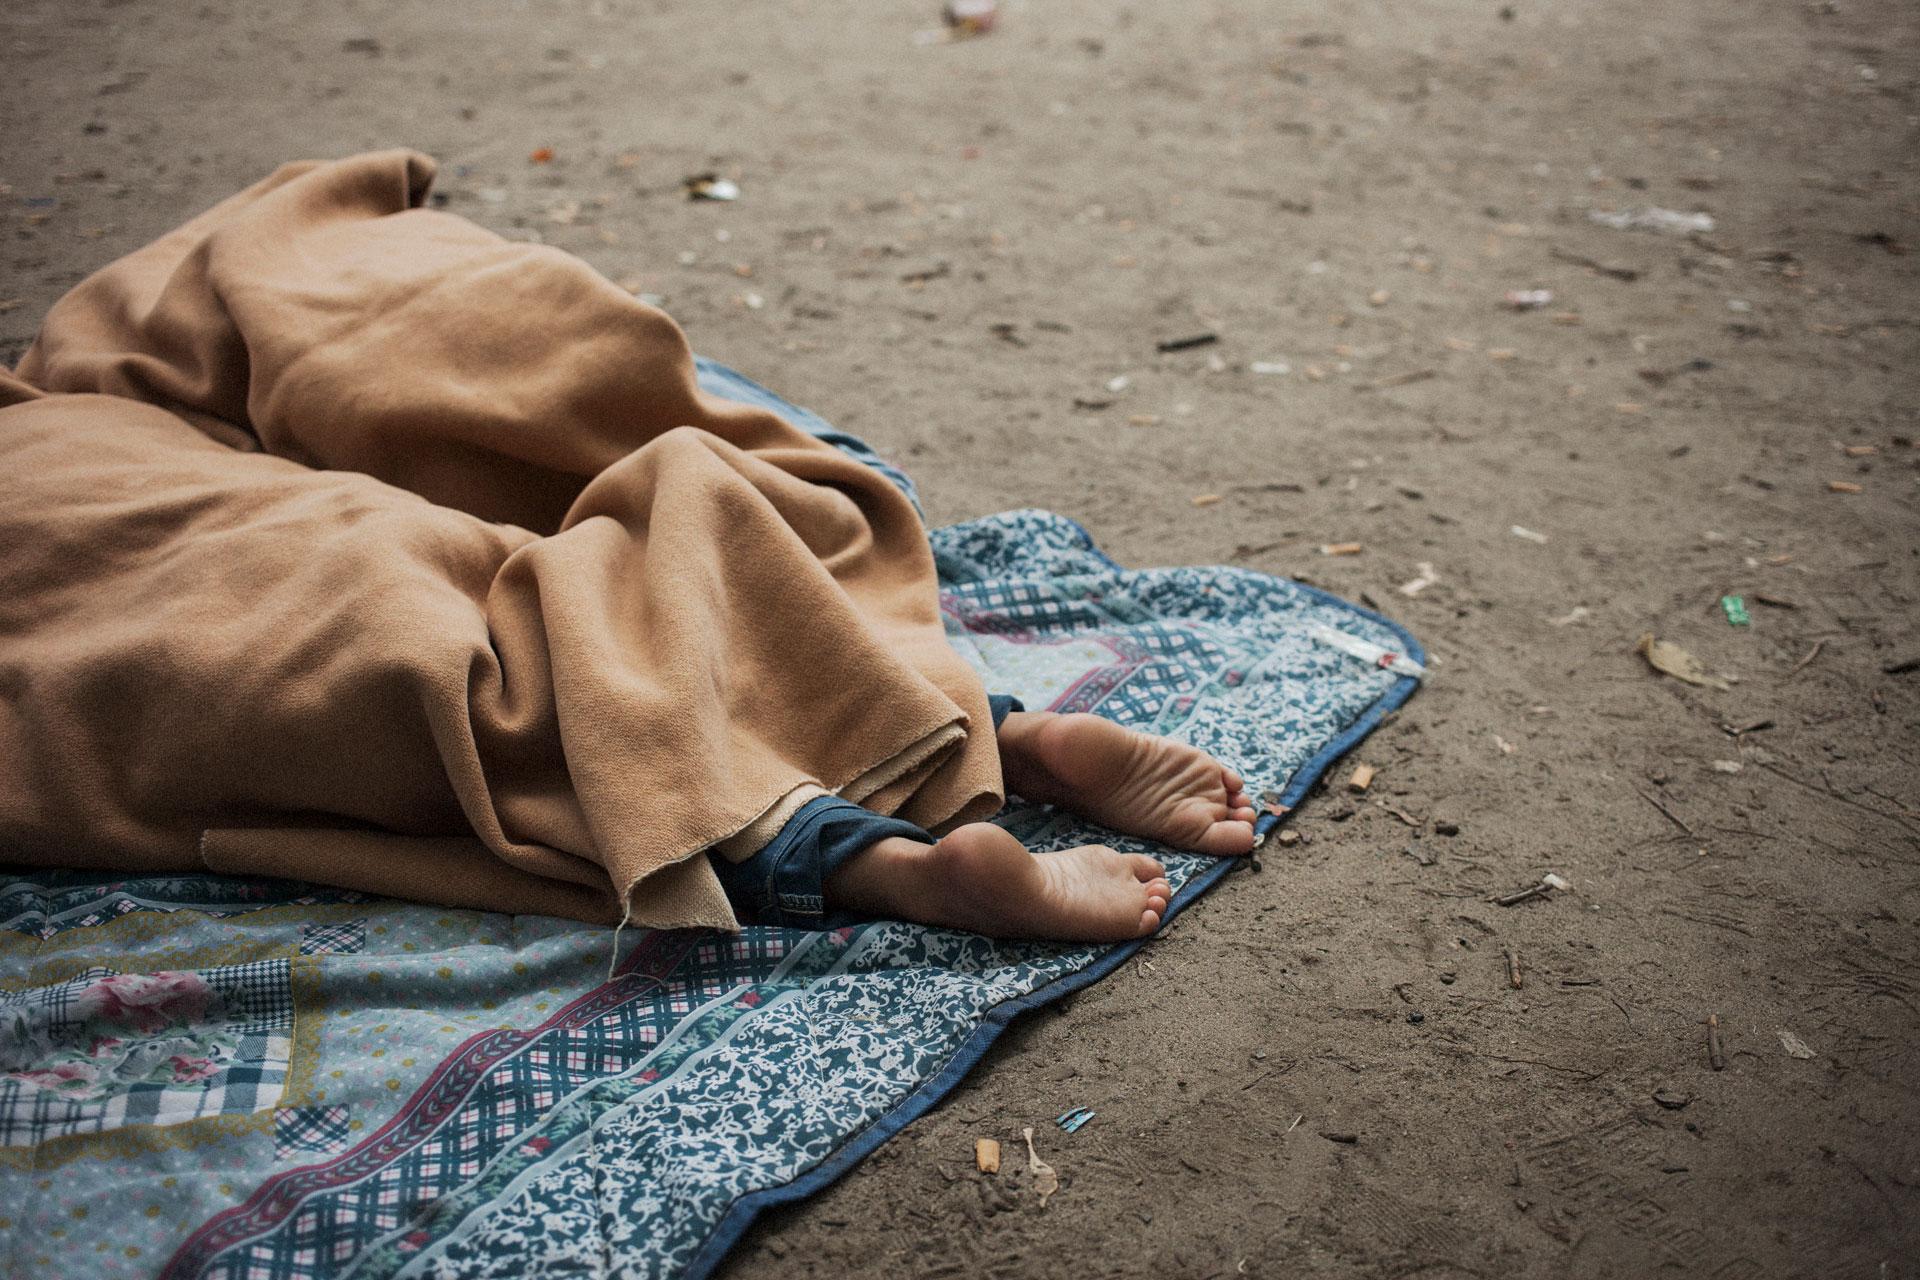 timo-stammberger-photography-fotografie-berlin-lageso-refugees-fluechtlinge-migration-27